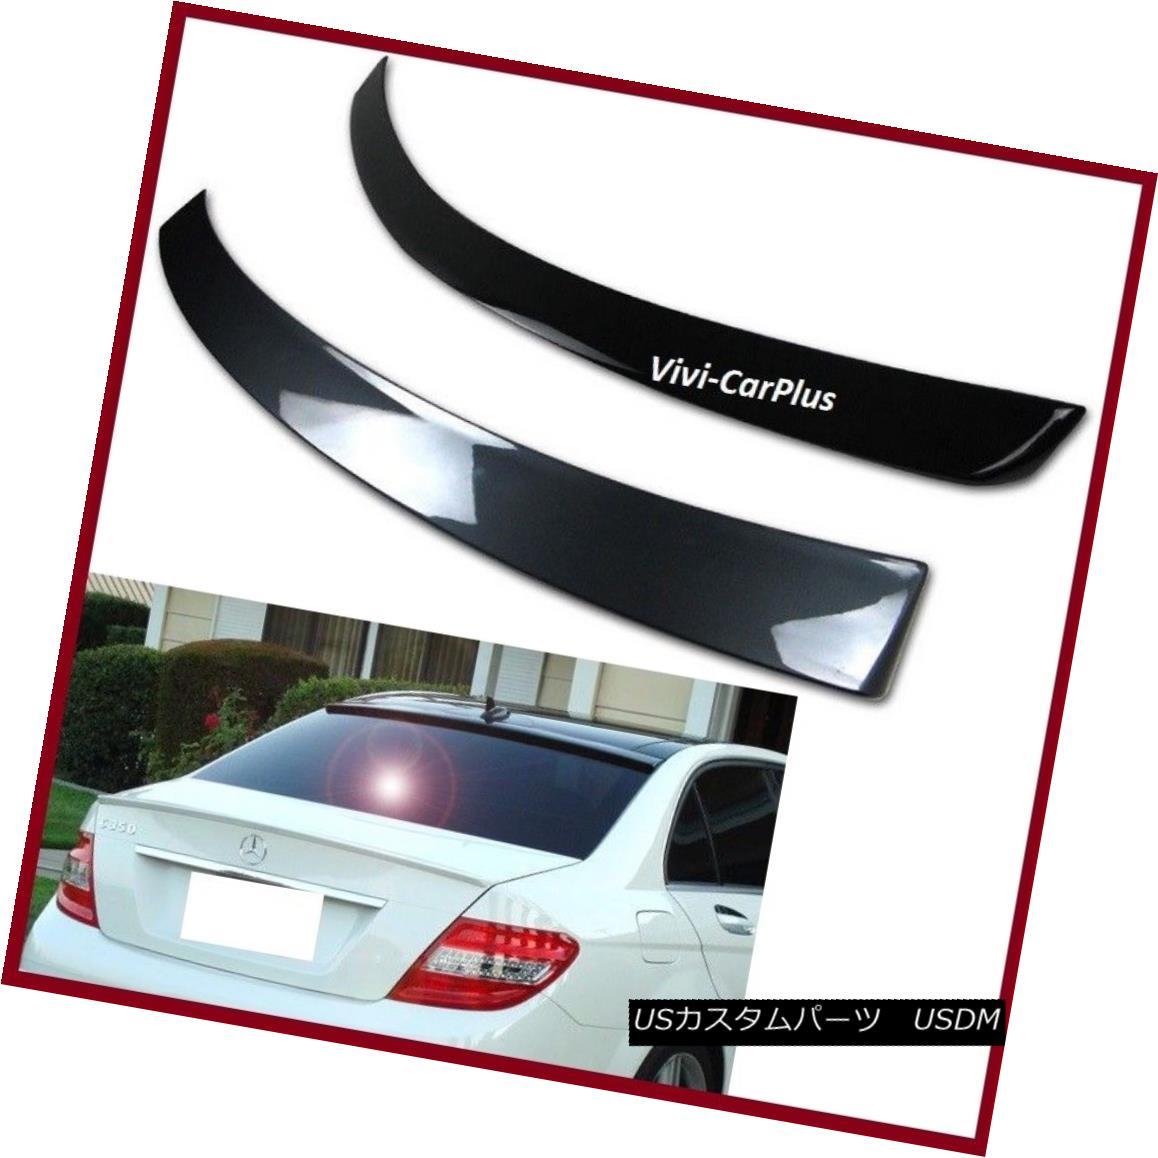 エアロパーツ Pick Color 12-15 M-Benz C204 Coupe C250 C350 C63 OE Roof + A Type Trunk Spoiler ピックカラー12-15 MベンツC204クーペC250 C350 C63 OEルーフ+ Aタイプトランク・スポイラー